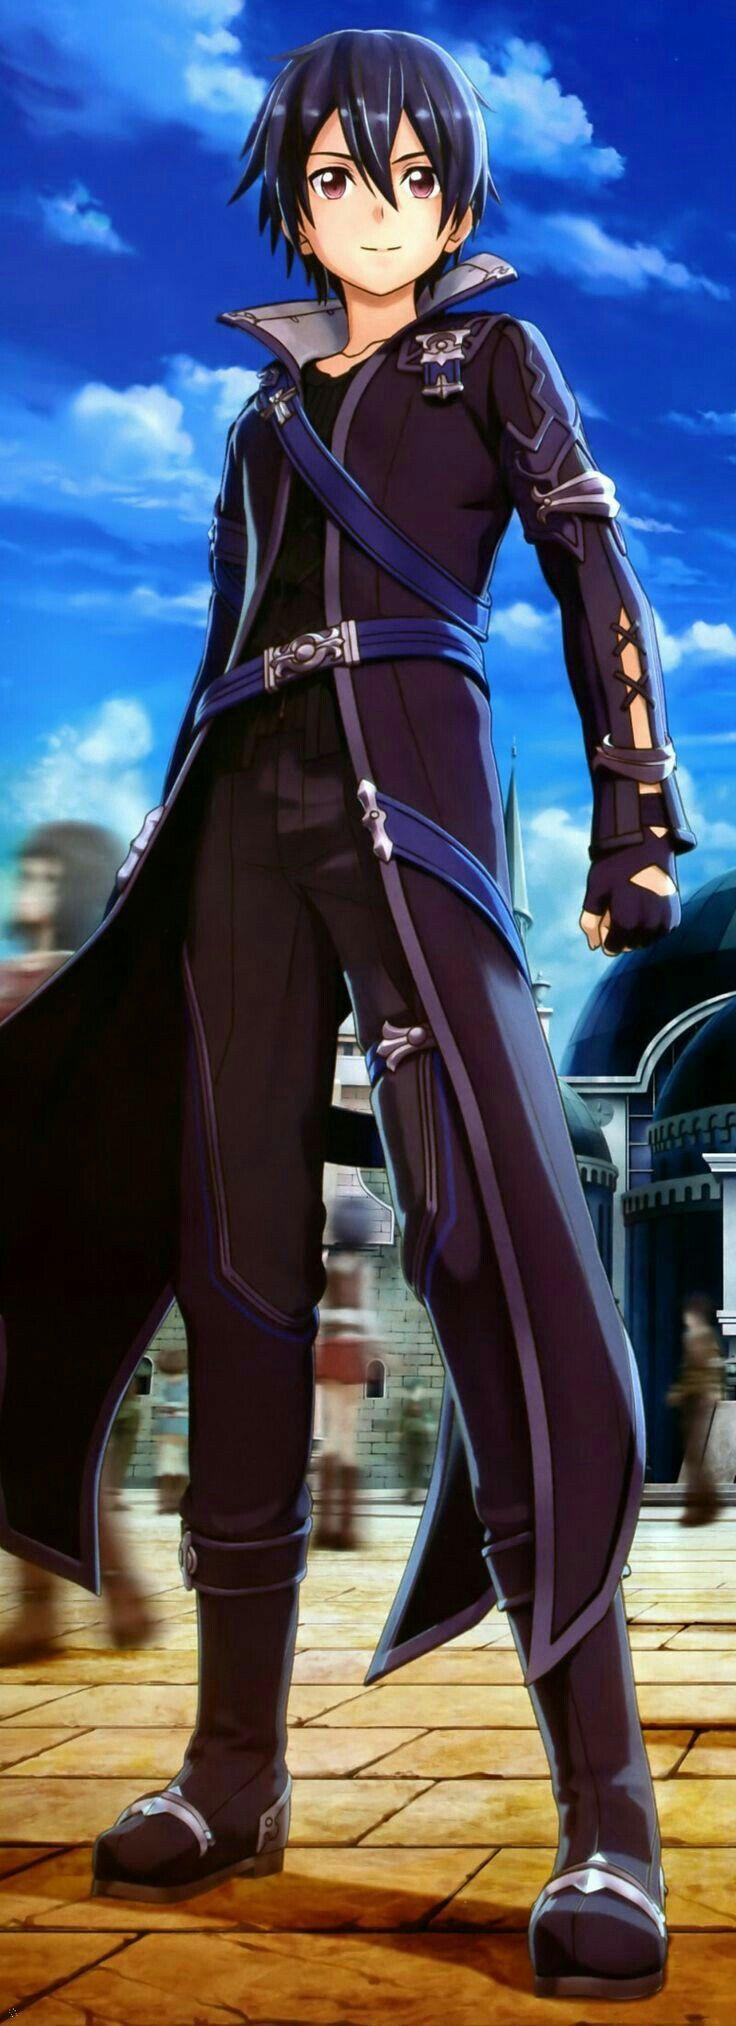 chamado Alfheim Online (ALO). Ele entra no jogo e é ajudado por sua irmã, Suguha Kirigaya, conhecida como Leafa no jogo. Então, ele descobre que ALO faz parte de um plano de Sugou Nobuyuki para realizar experimentos ilegais nas mentes dos jogadores e colocá-las sob seu controle. Ele faz isso com Asuna, com quem pretende se casar no mundo real, com o objetivo de assumir a empresa da família dela. Após Kirito acabar com seus planos, ele e Asuna voltam ao mundo real.